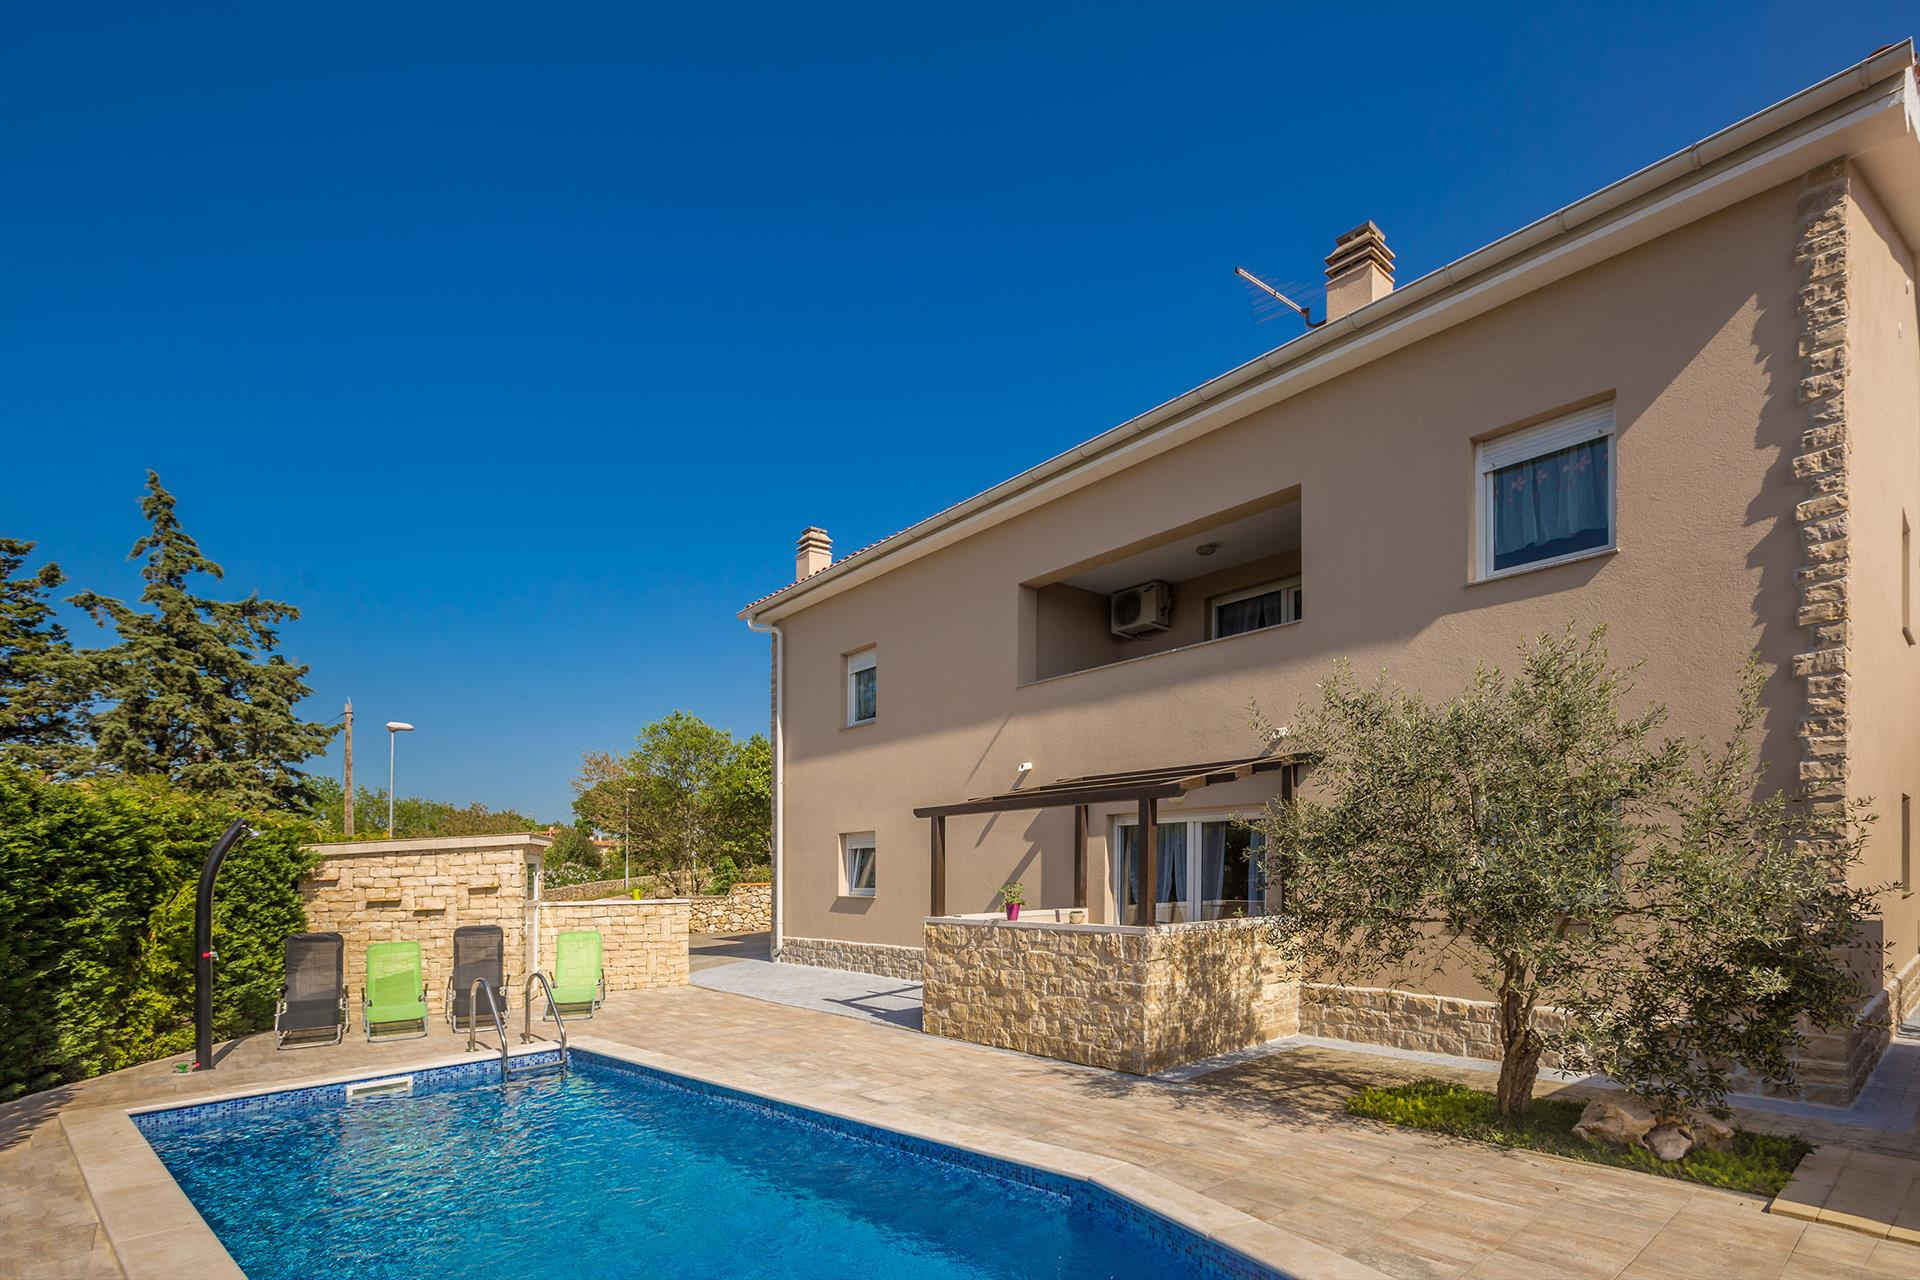 Modern cozy studio- swimming pool, yard, sitting area, grill,Прекрасная, уютная студия   с частным бассейном на 2 человекa в Pinezici, Island Krk, в Croatia...